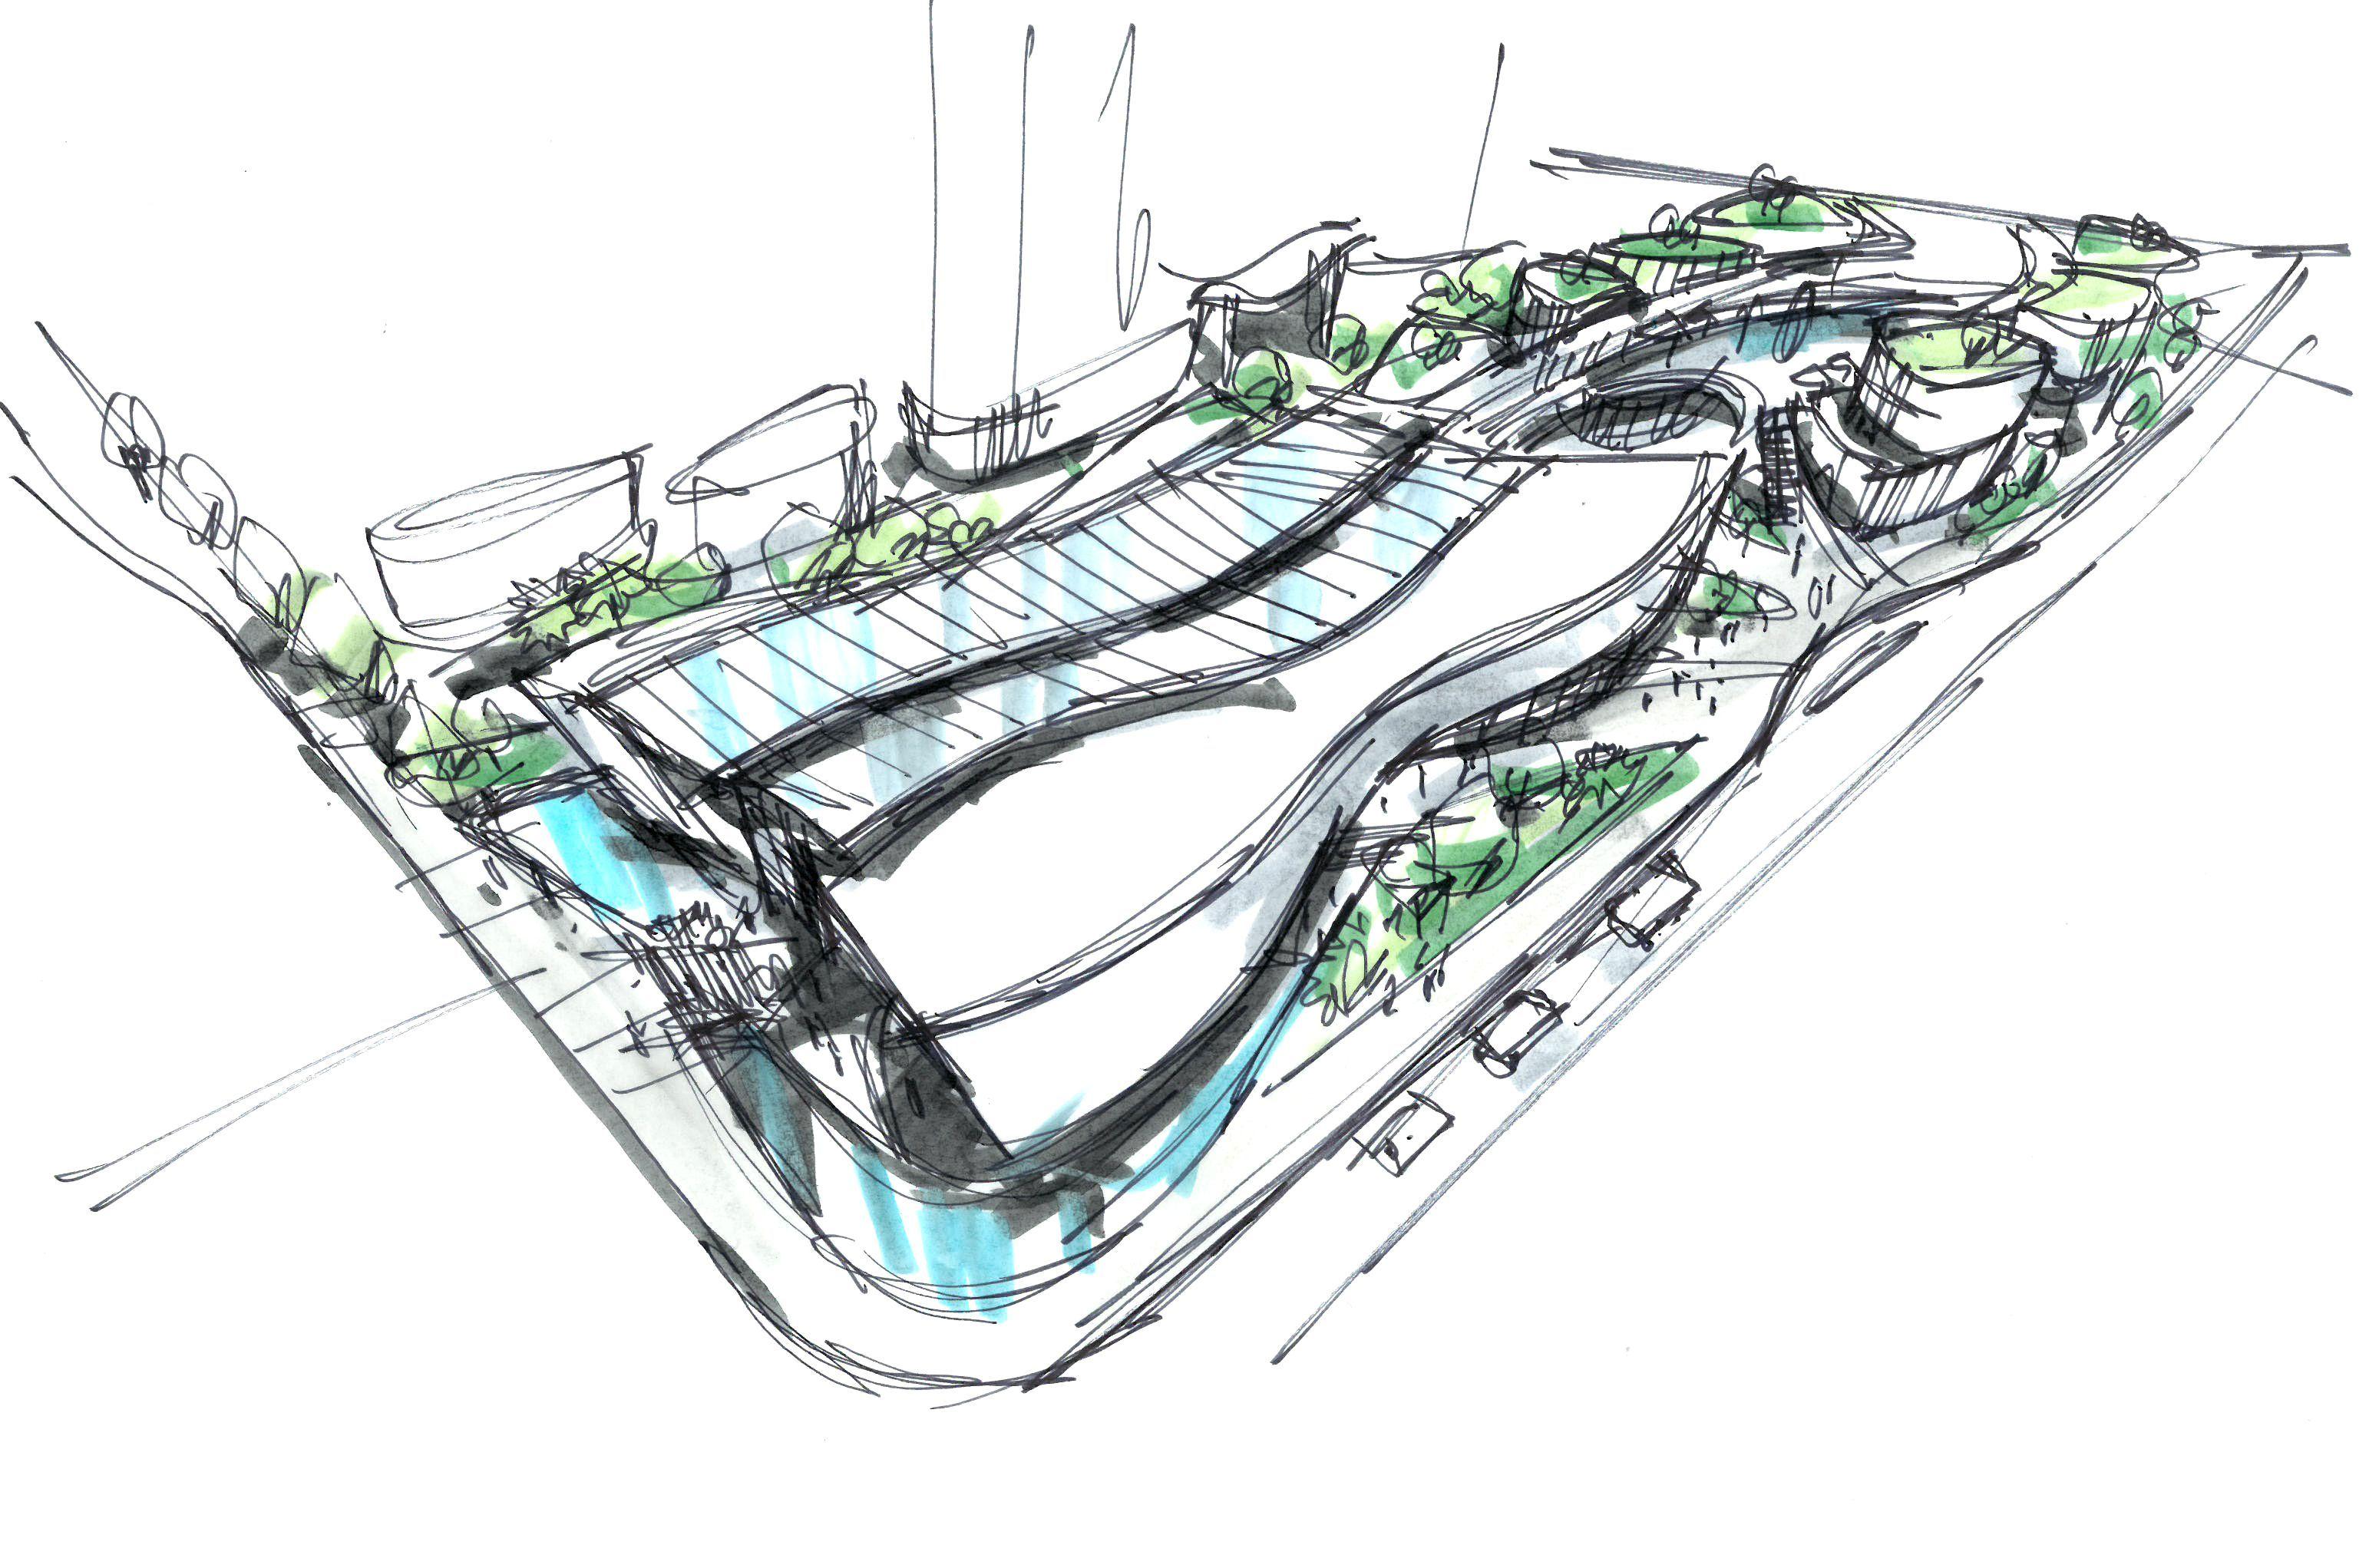 sales center concept I Randy Carizo in 2020 Architecture